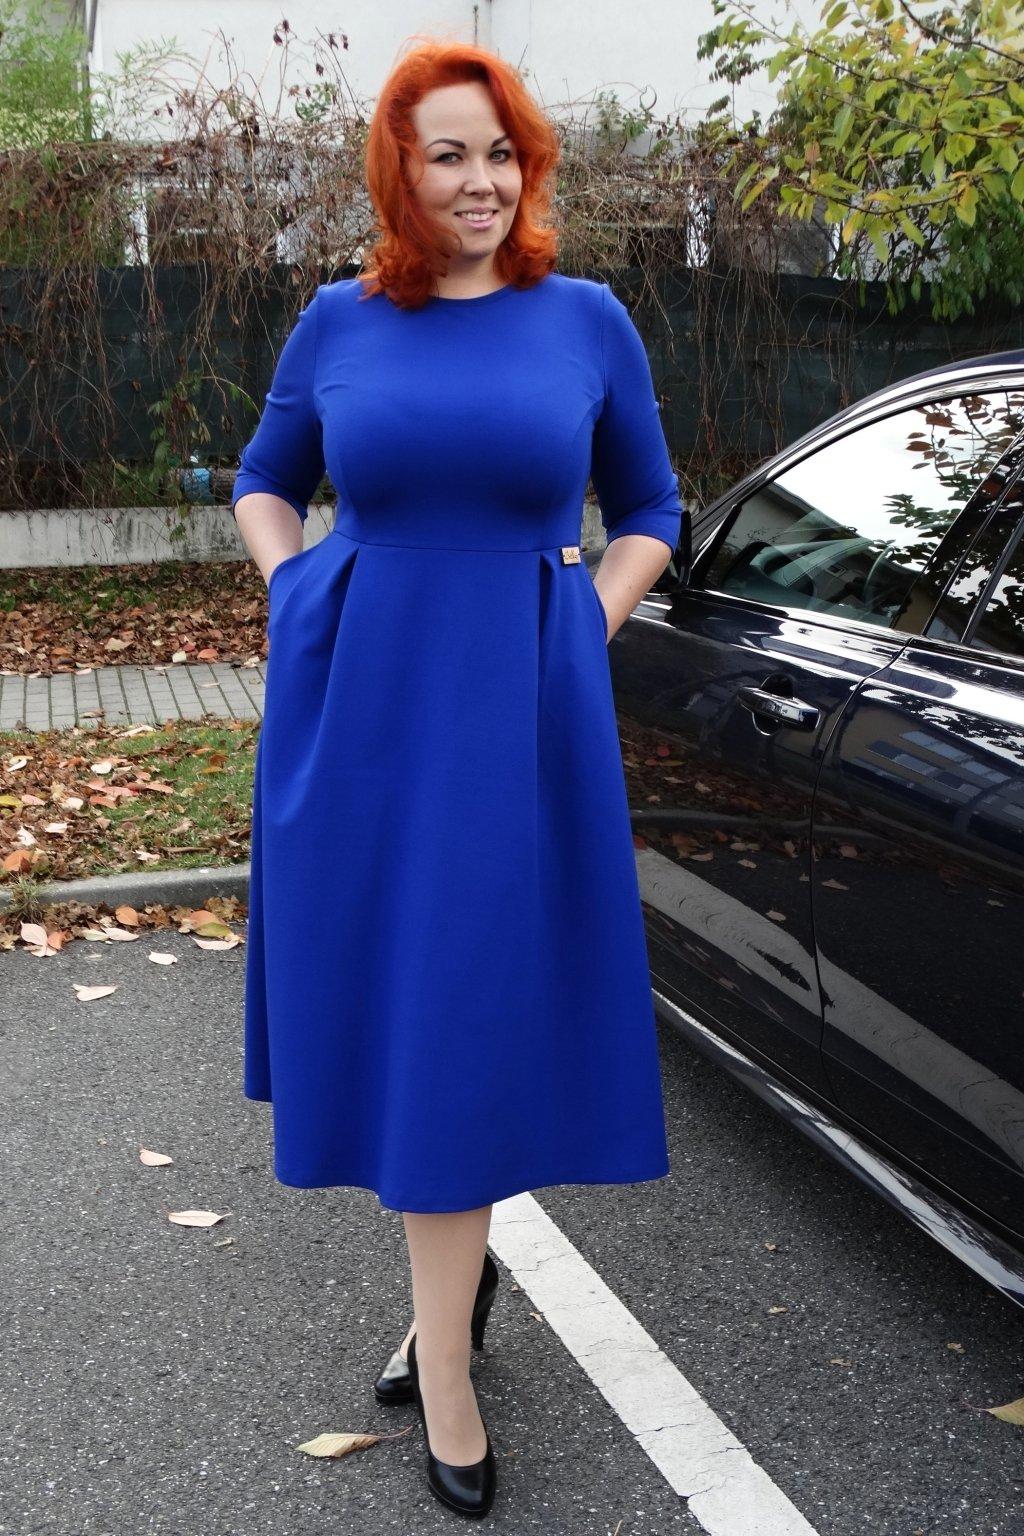 Dámské šaty Paola královská modrá 3